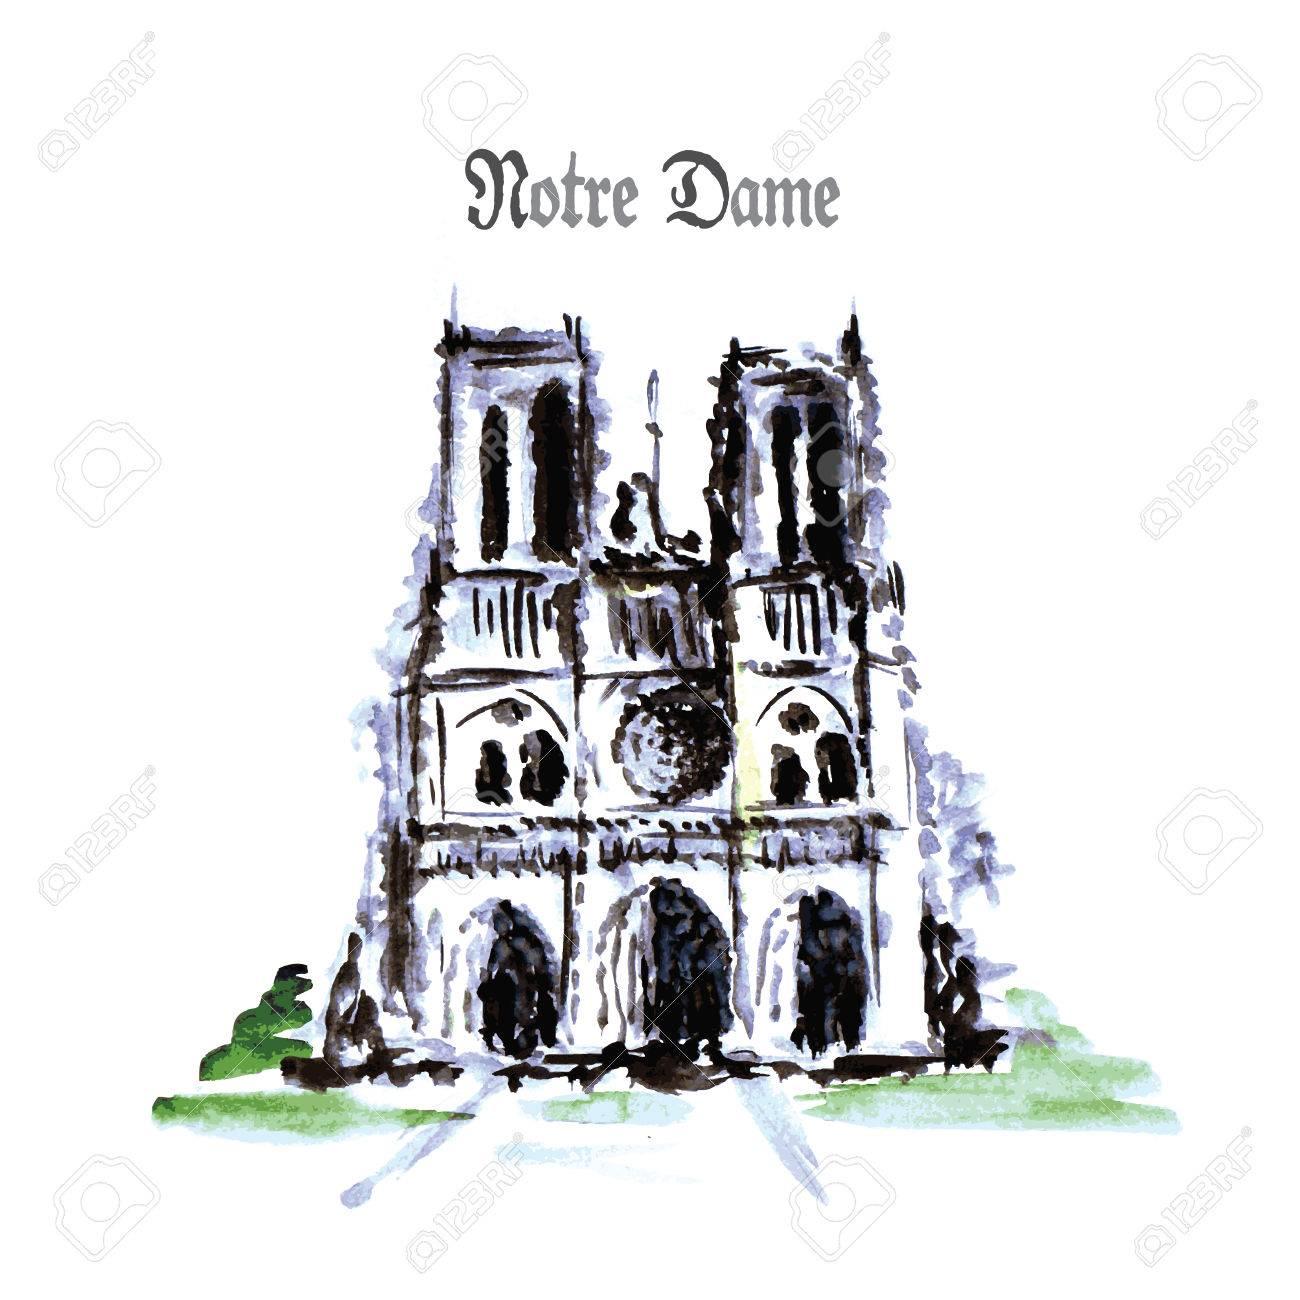 Notre Dame De Paris Disegno.Notre Dame De Paris Cathedral France Watercolor Hand Drawing